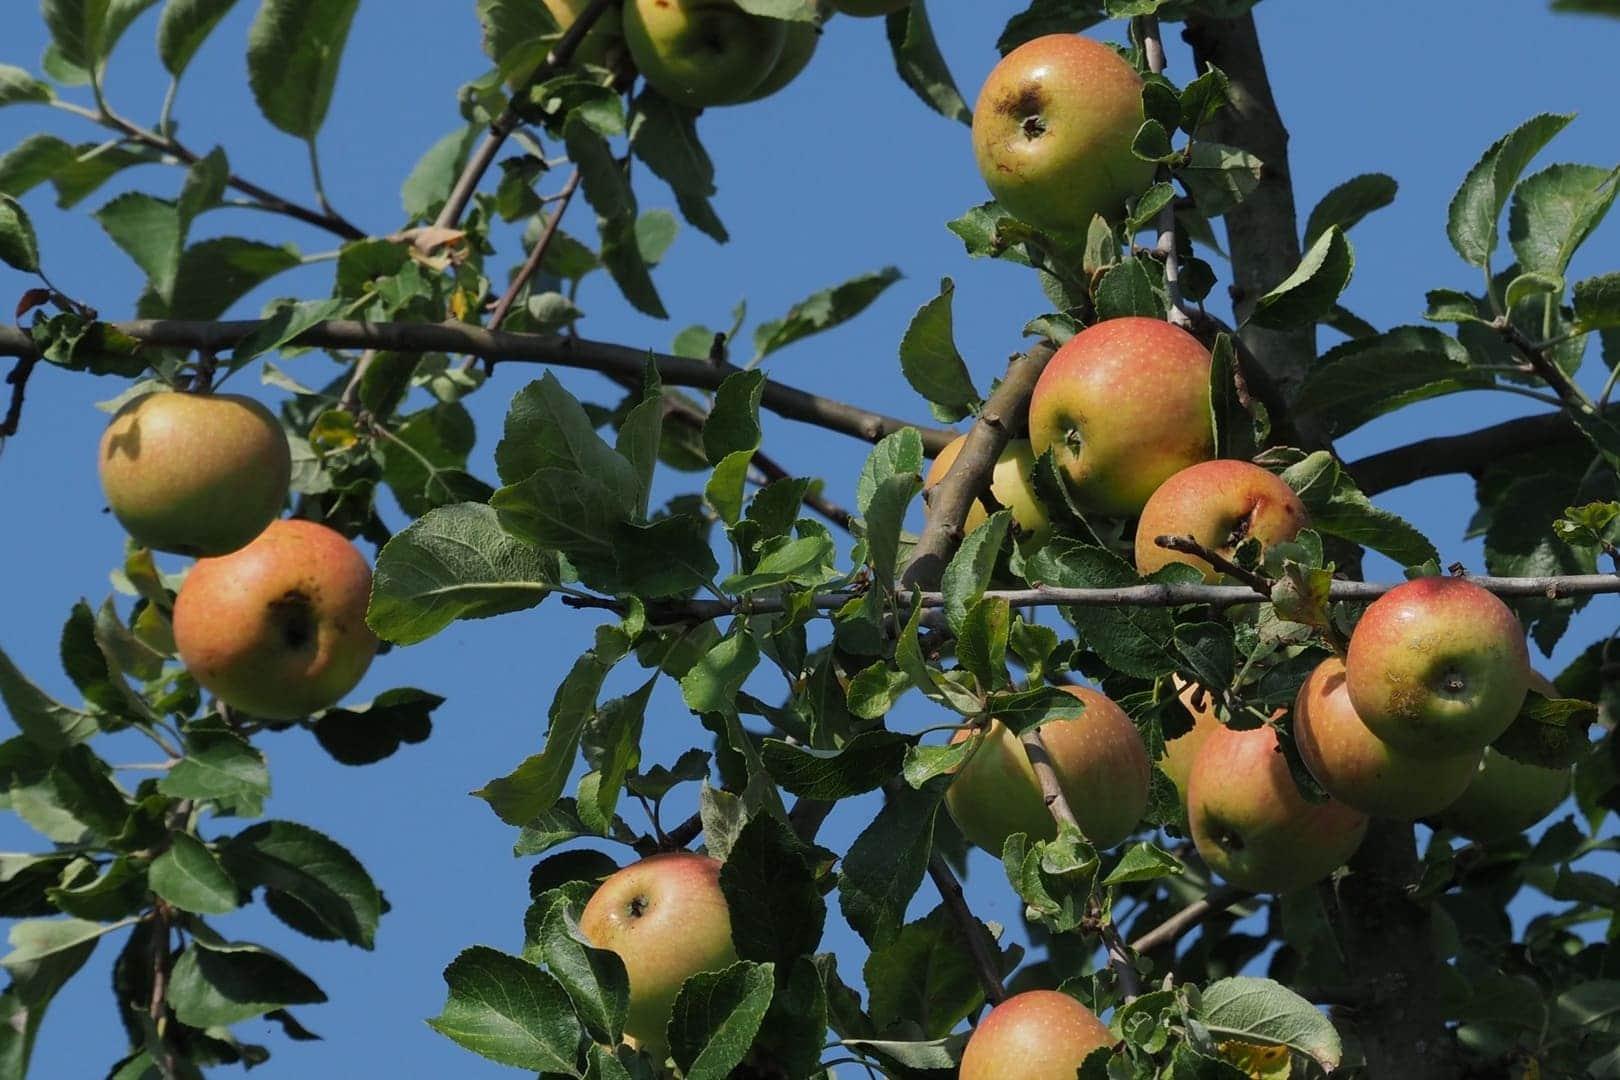 In diesem Herbst hatten wir wieder eine reiche Apfelernte.